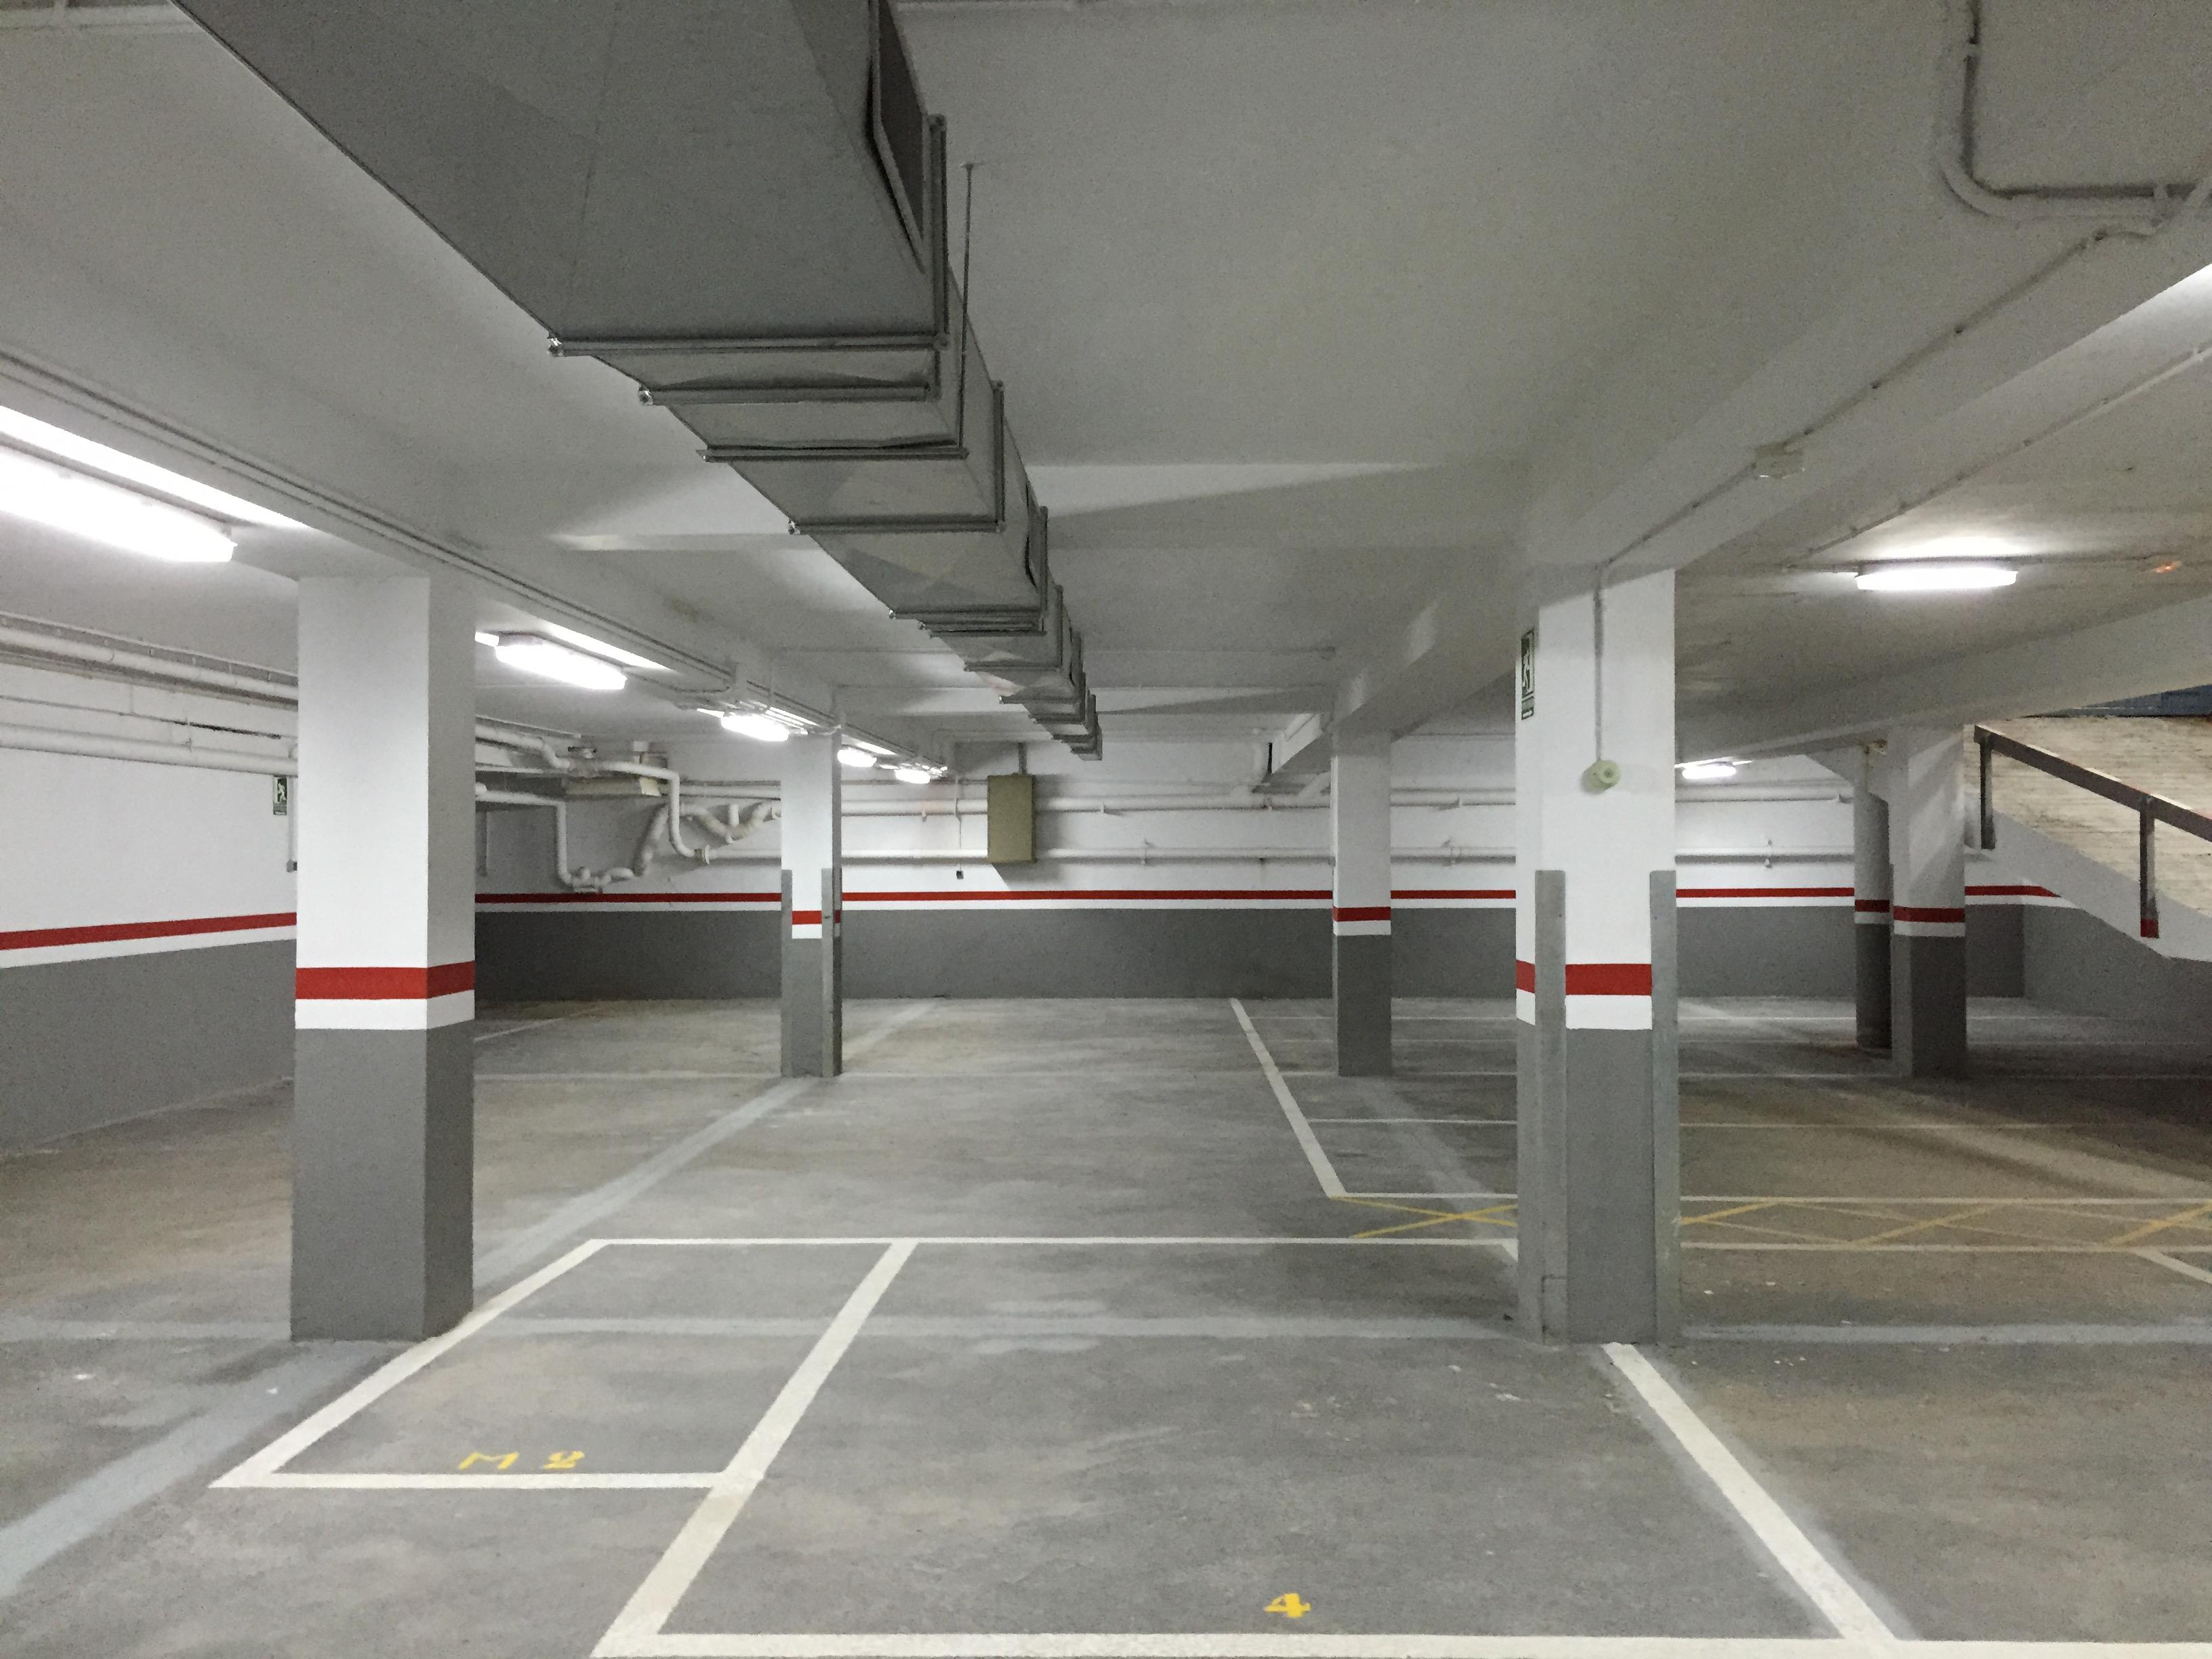 Garaje para coches y trasteros junto hospital sant pau for Cepos para plazas de garaje